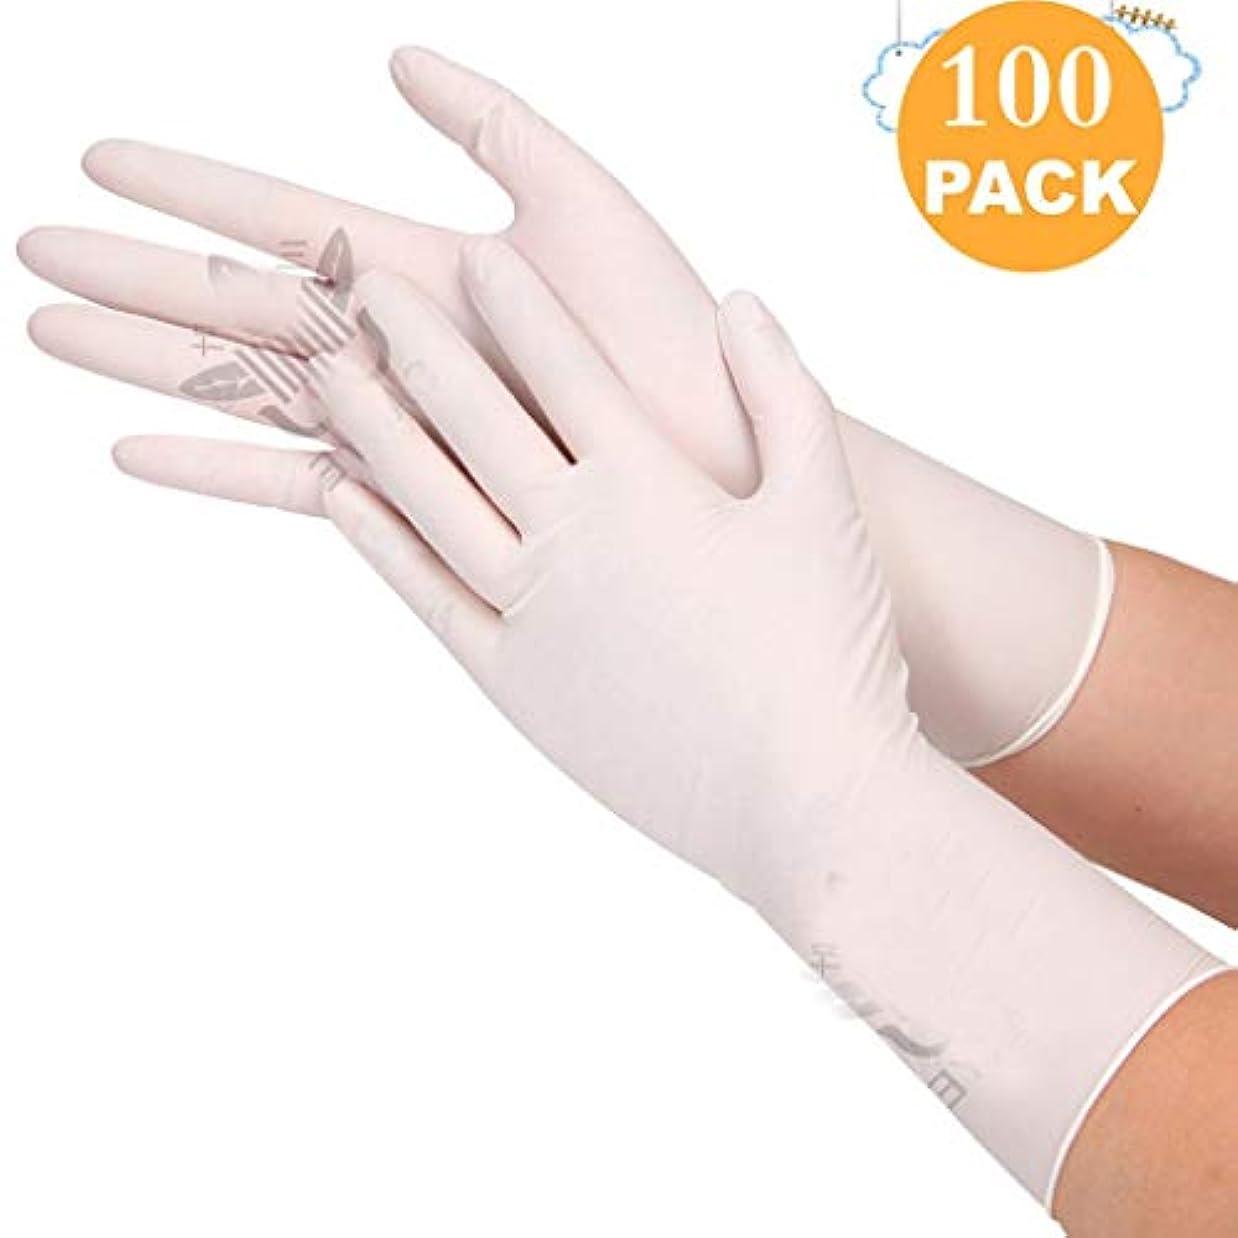 振動させる魂誇張使い捨て手袋ニトリルゴム医療検査手袋ラテックス無菌手術ドクター12インチ100パーパック (Size : L)